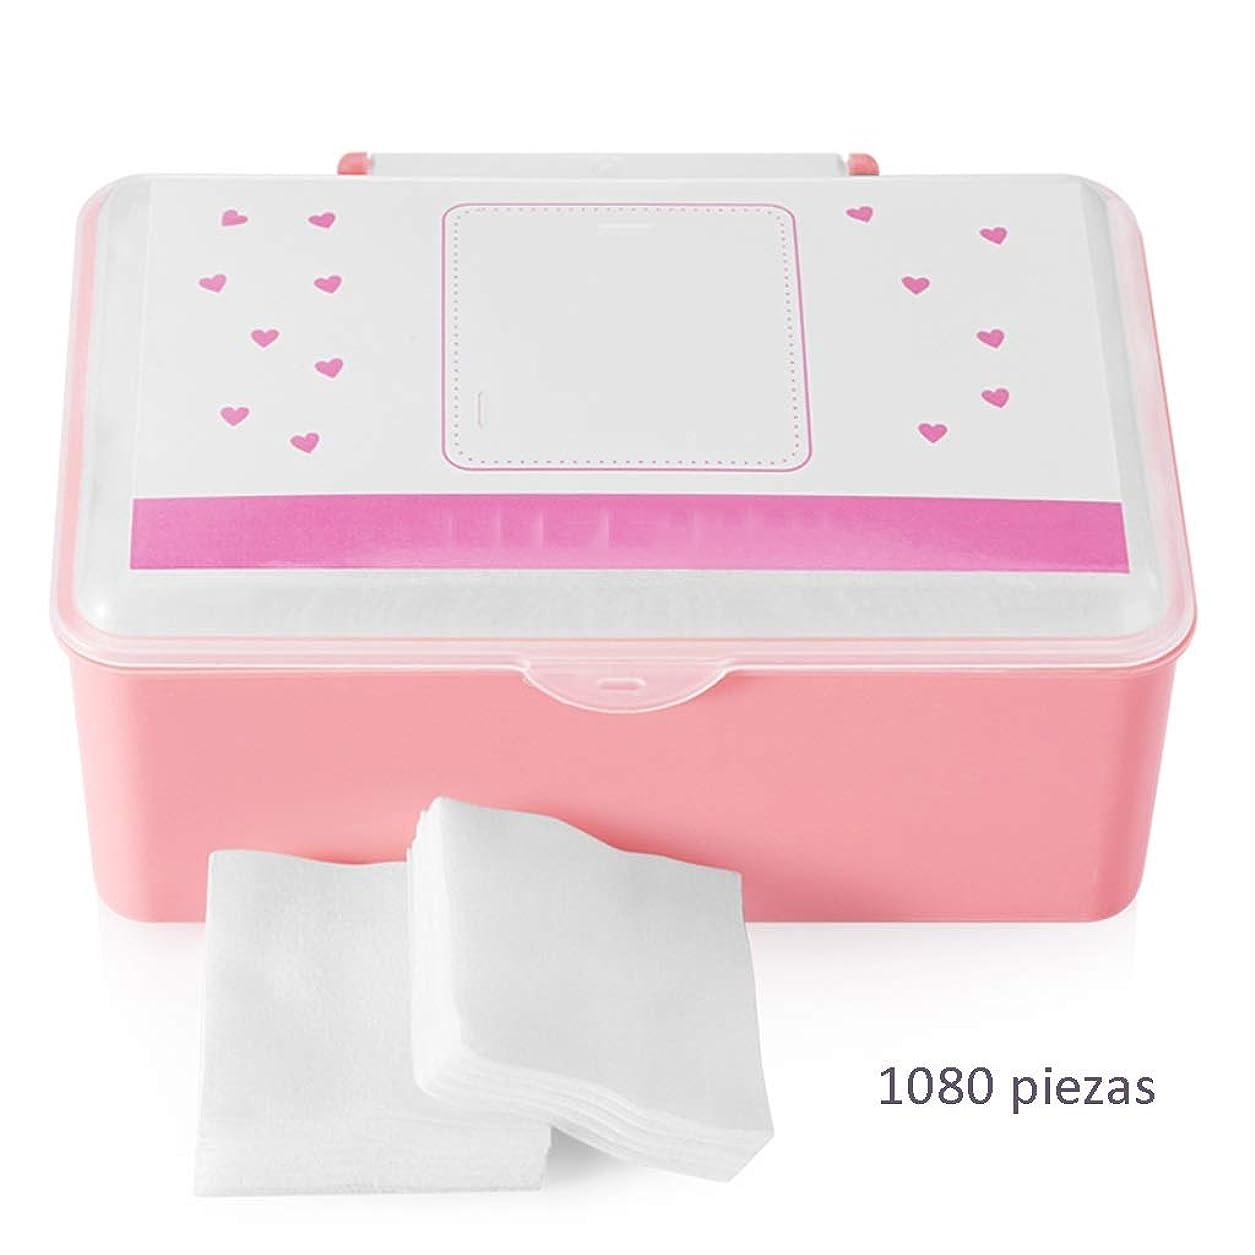 提供する欠陥私たちのクレンジングシート コットンコットンクレンジングコットン女性の顔クリーンコットンパッドスクエアコットンパッド薄い水和ウェットドレスボックス(1080) (Color : White, サイズ : 5*6cm)